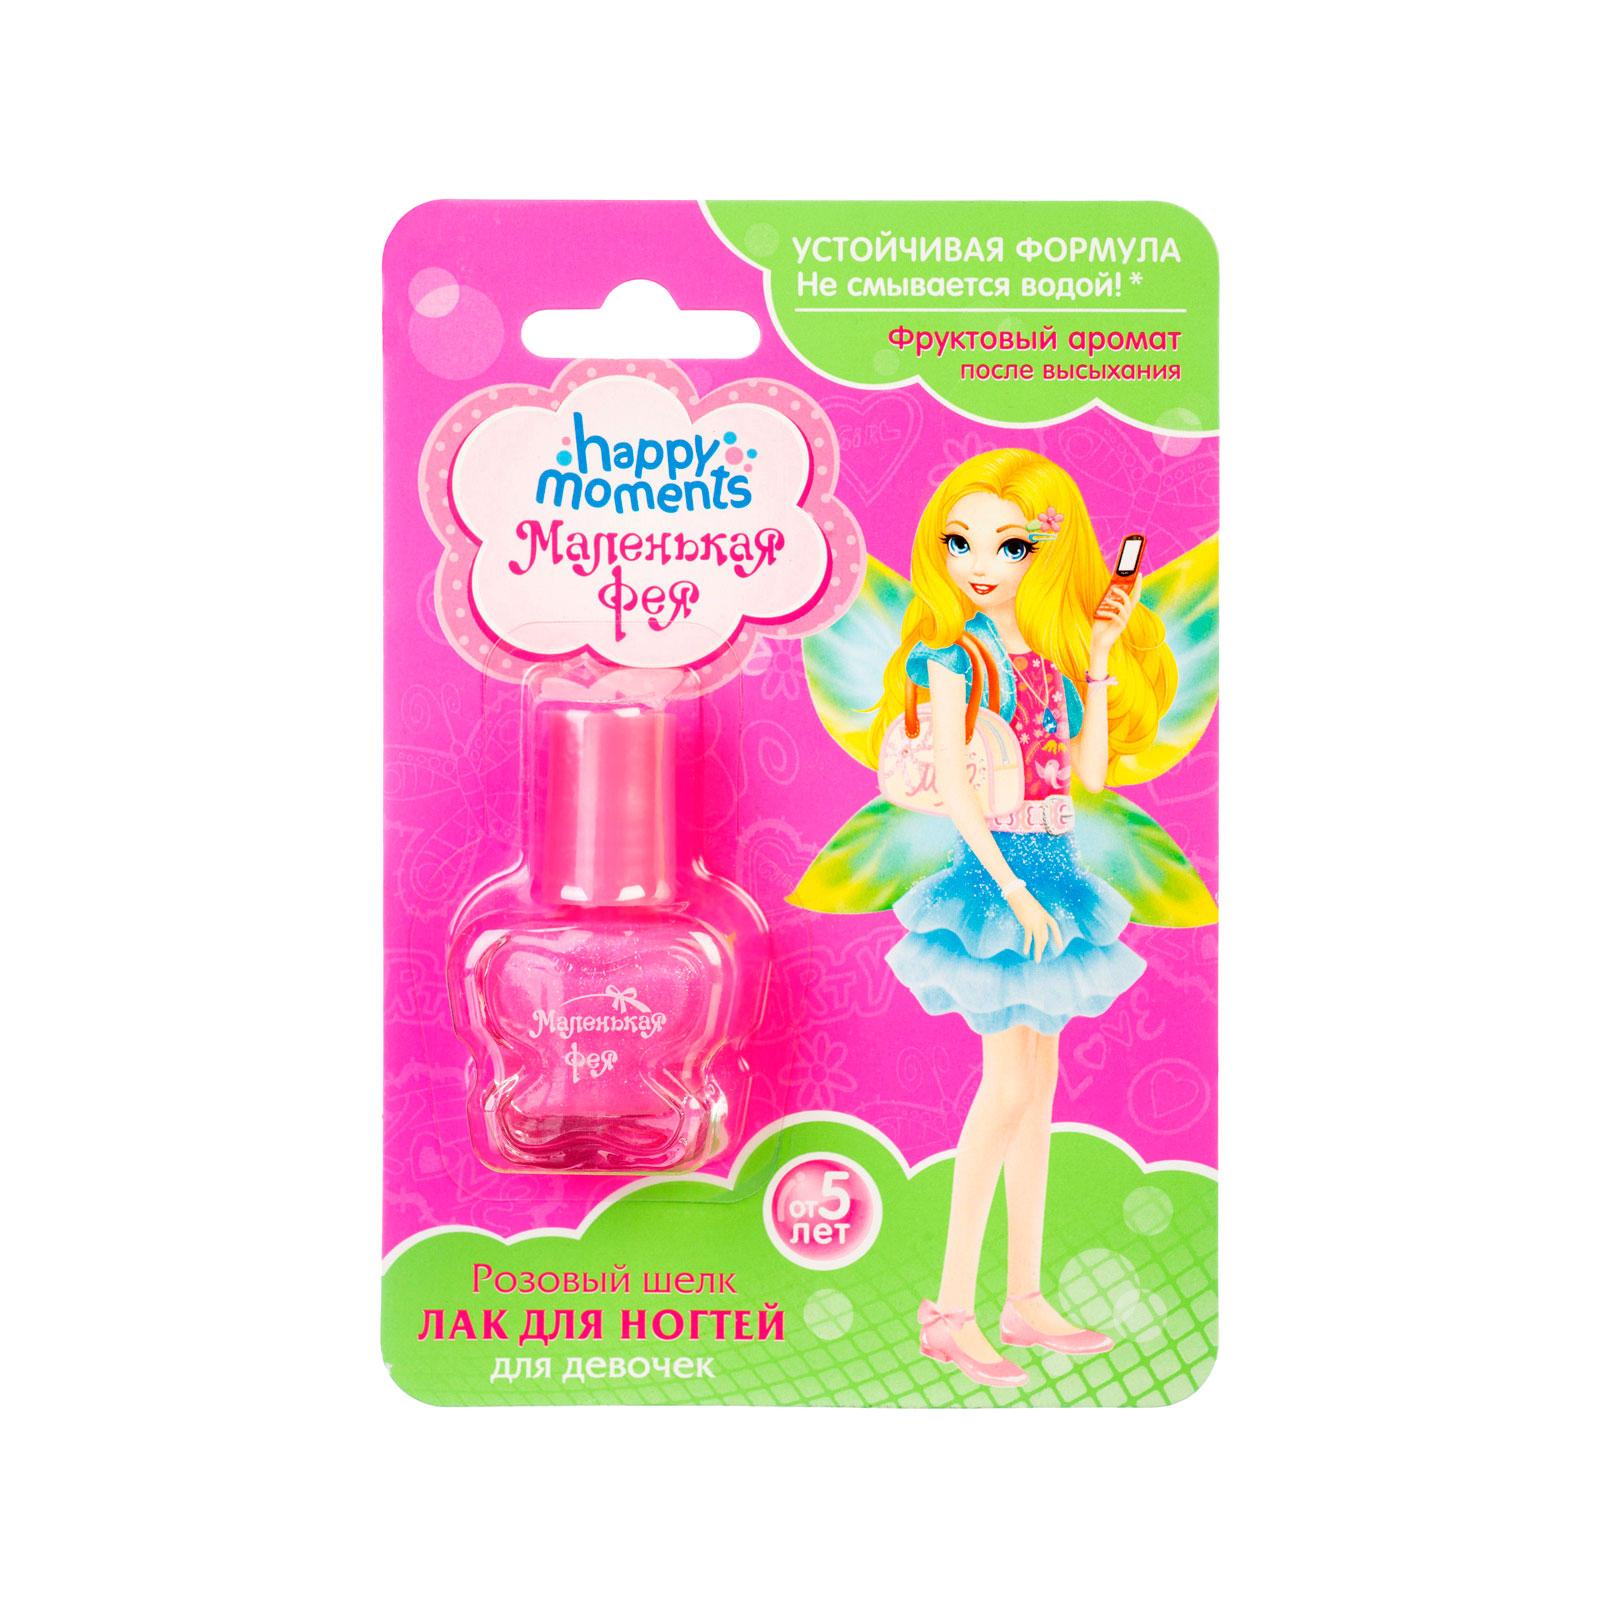 Лак для ногтей Маленькая Фея розовый шелк 6 мл